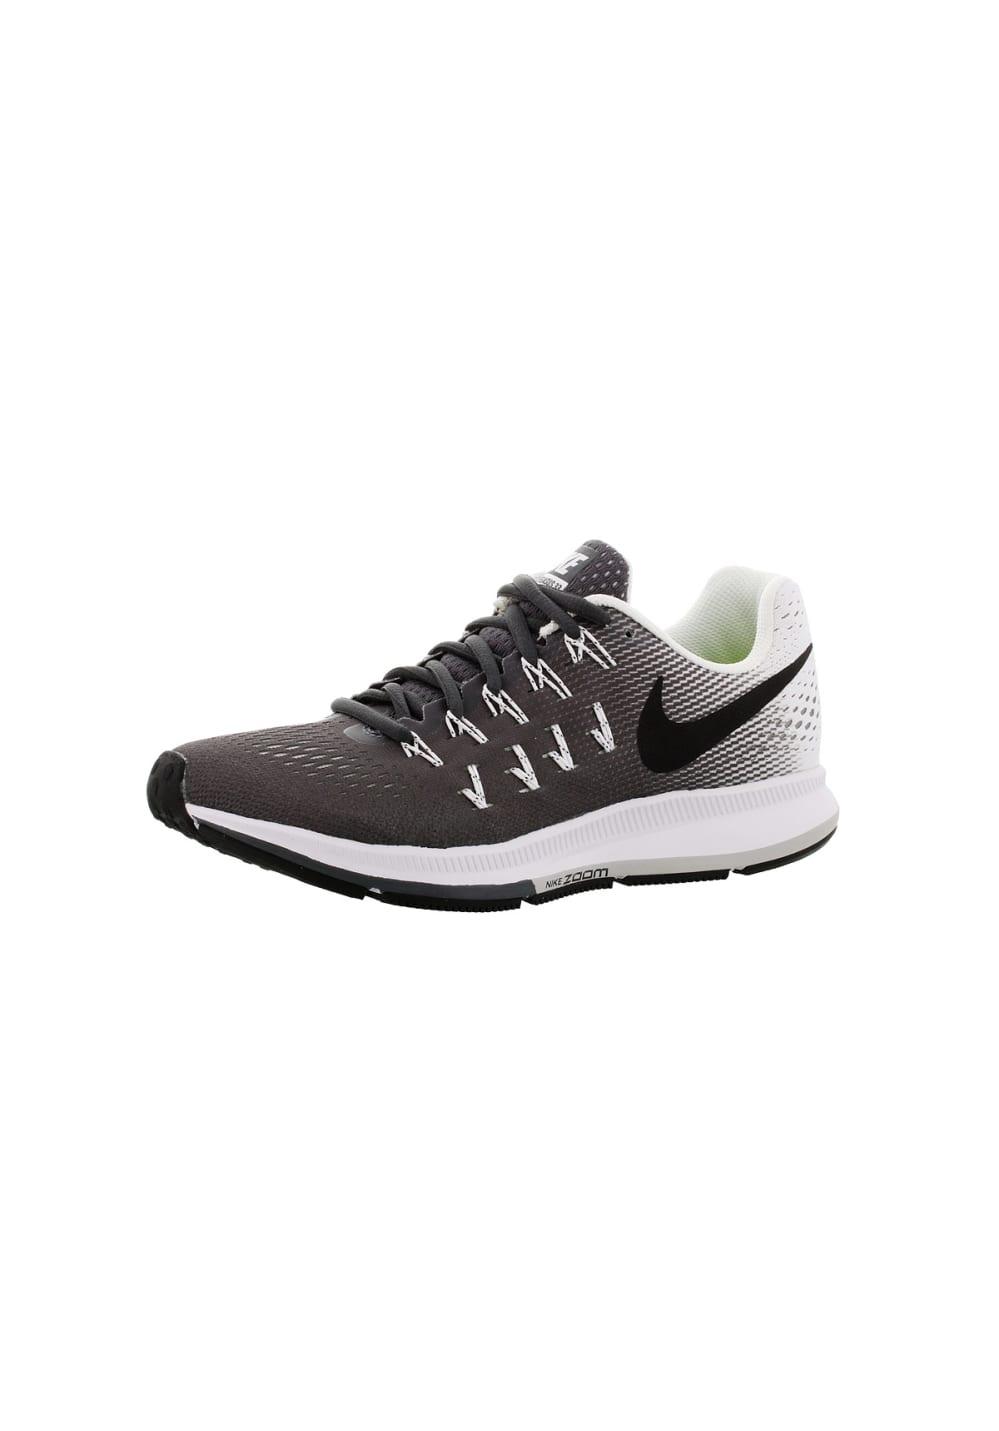 9bdc7bb2cf Nike Air Zoom Pegasus 33 - Laufschuhe für Damen - Grau | 21RUN